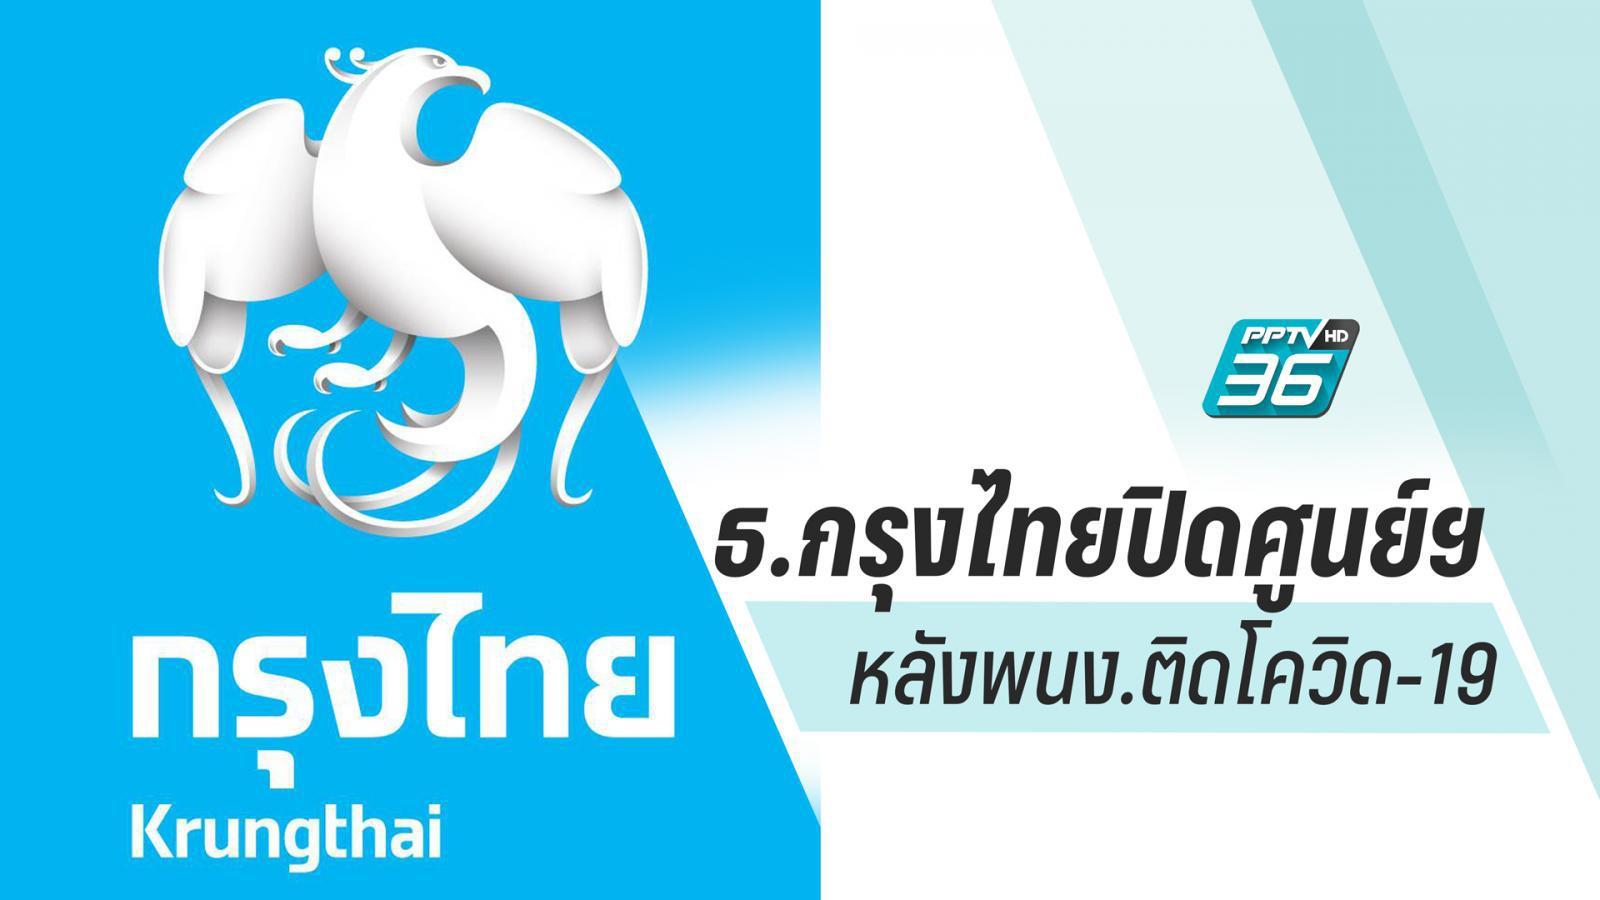 ธ.กรุงไทย ปิดศูนย์จัดการธนบัตรโคราช หลังพนง.ติดโควิด-19